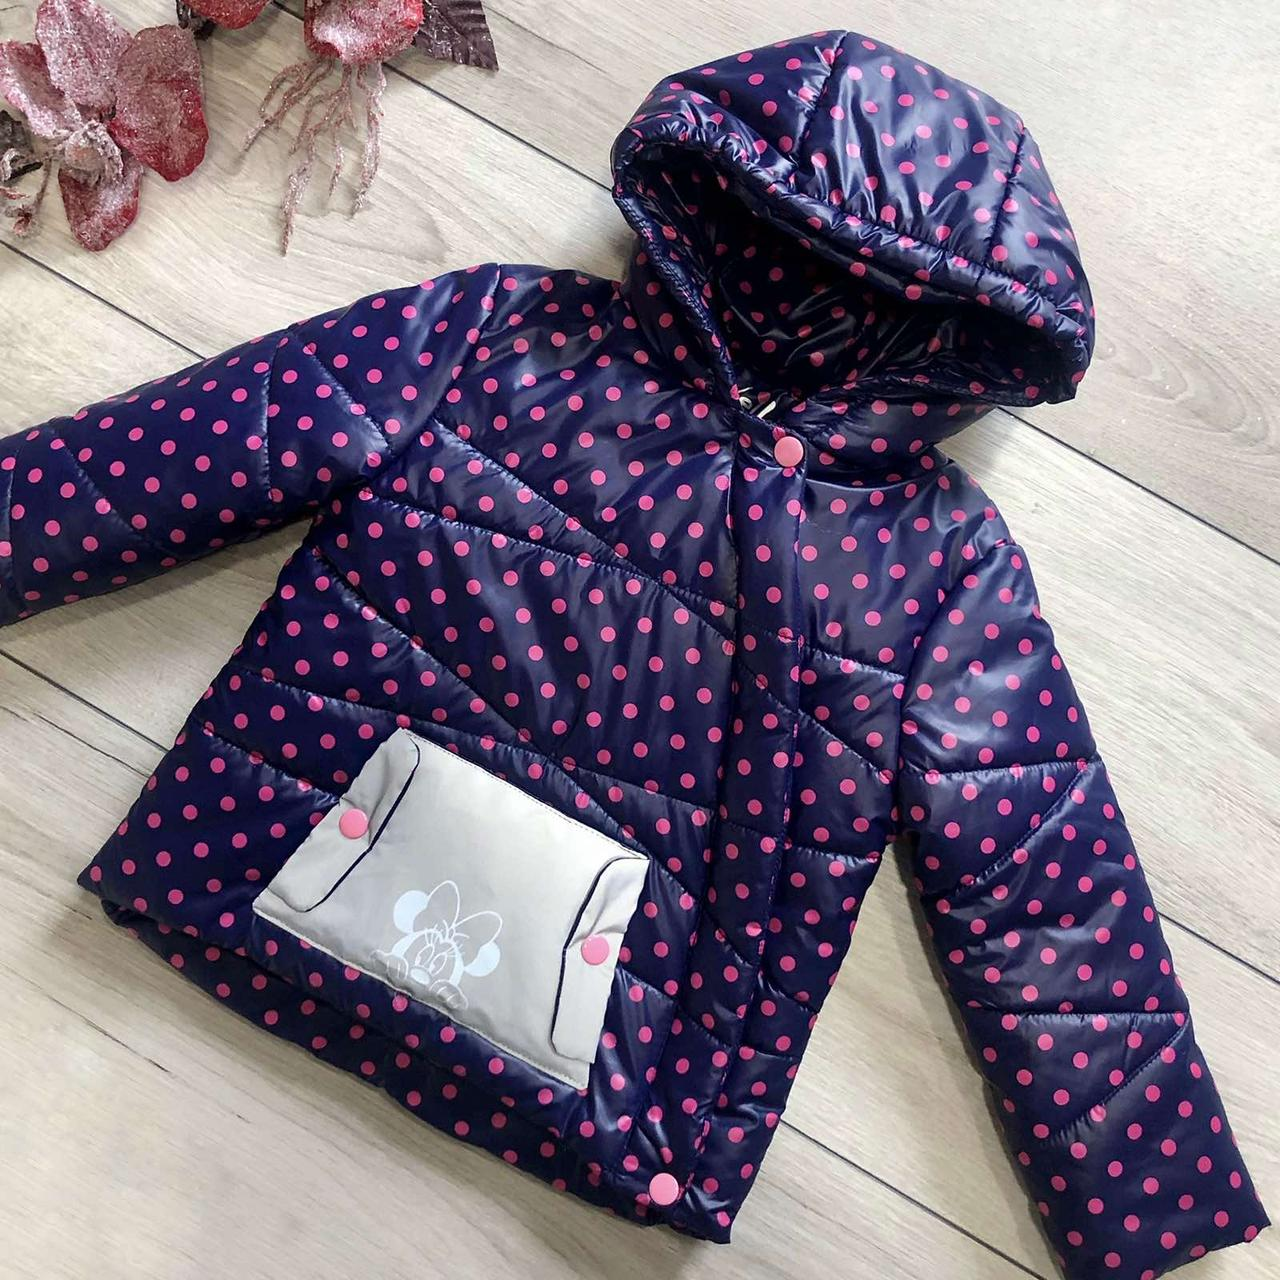 Курточка детская Wellajur kids в горошек (синий/розовый) 86см